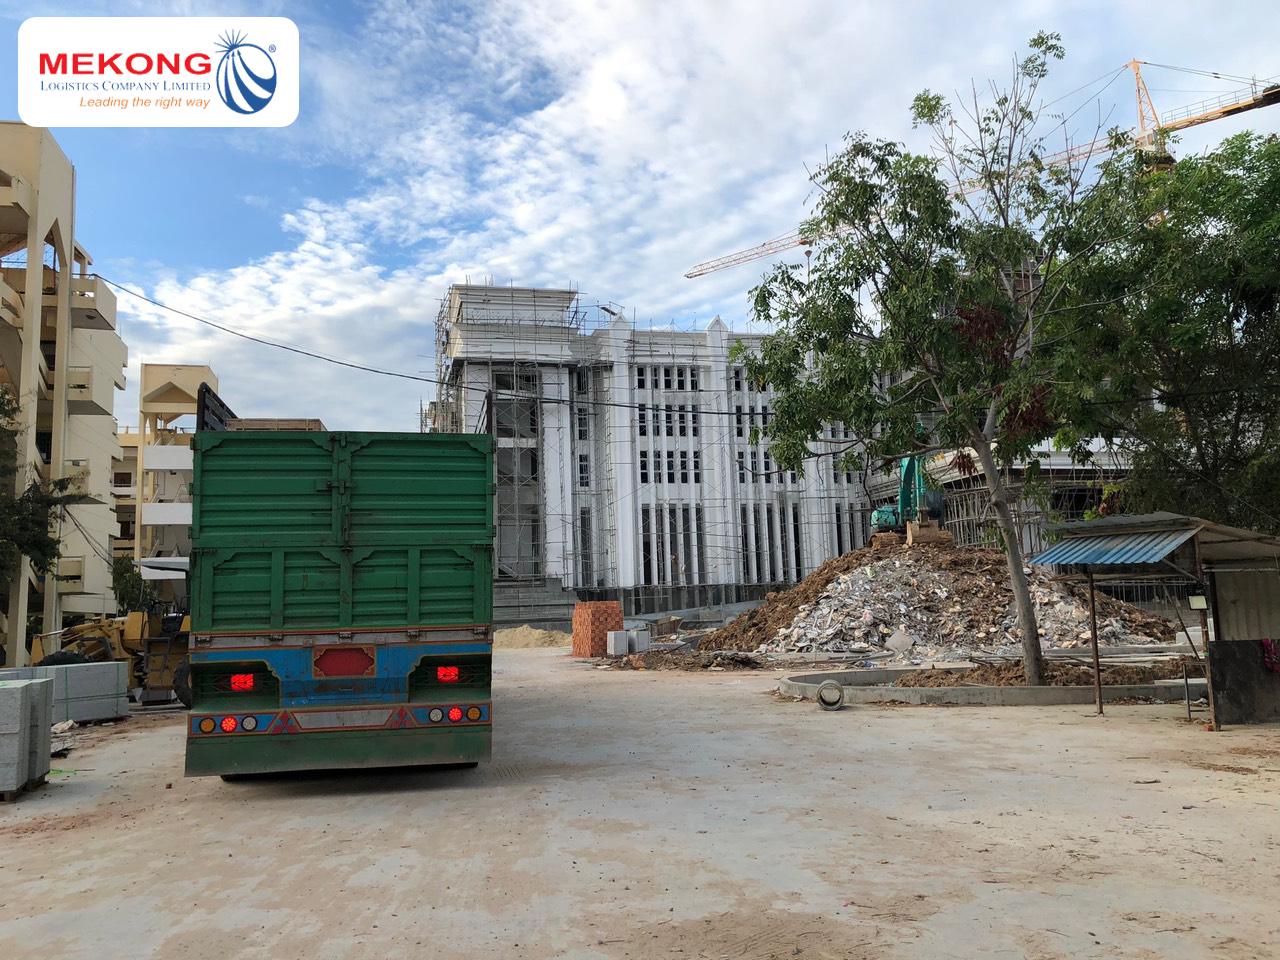 Xe Mekong Logistics giao hàng tại công trình xây dựng Viện Hàn lâm Hoàng gia Campuchia